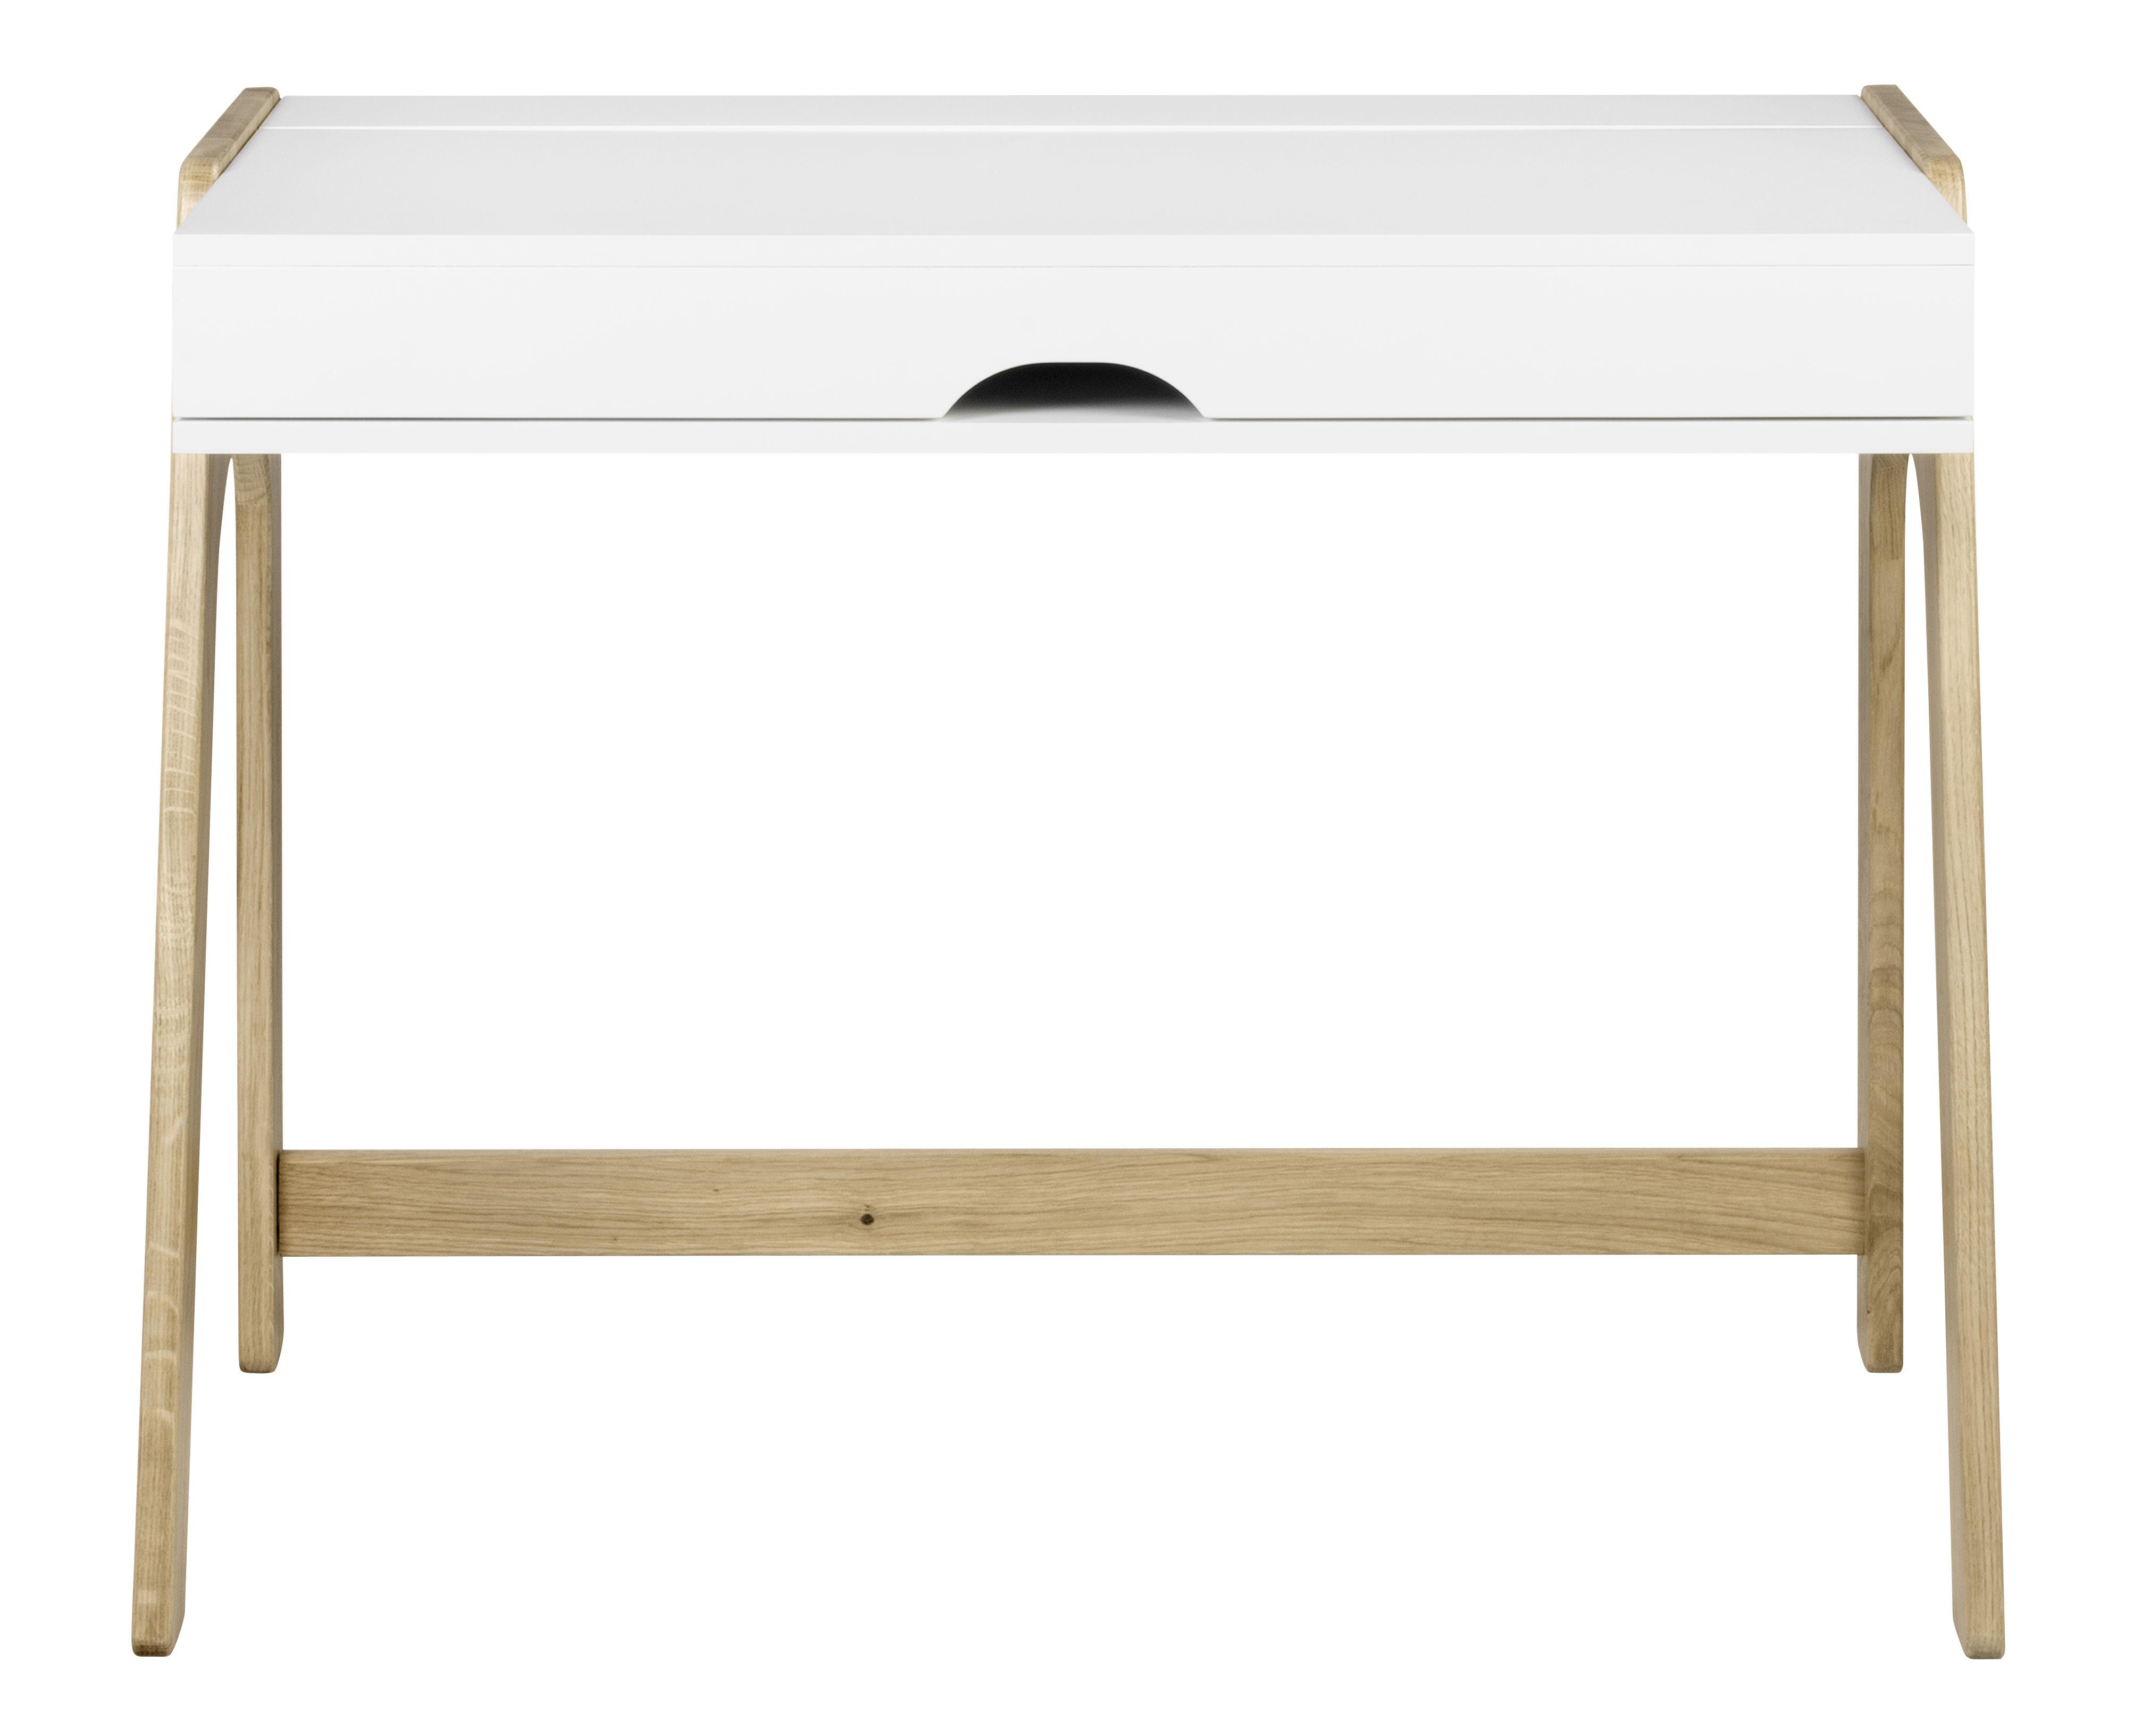 Mobilier - Bureaux - Bureau Willbe / Secrétaire - Plateau rabattable - POP UP HOME - Blanc / Chêne - Aggloméré peint, Chêne massif